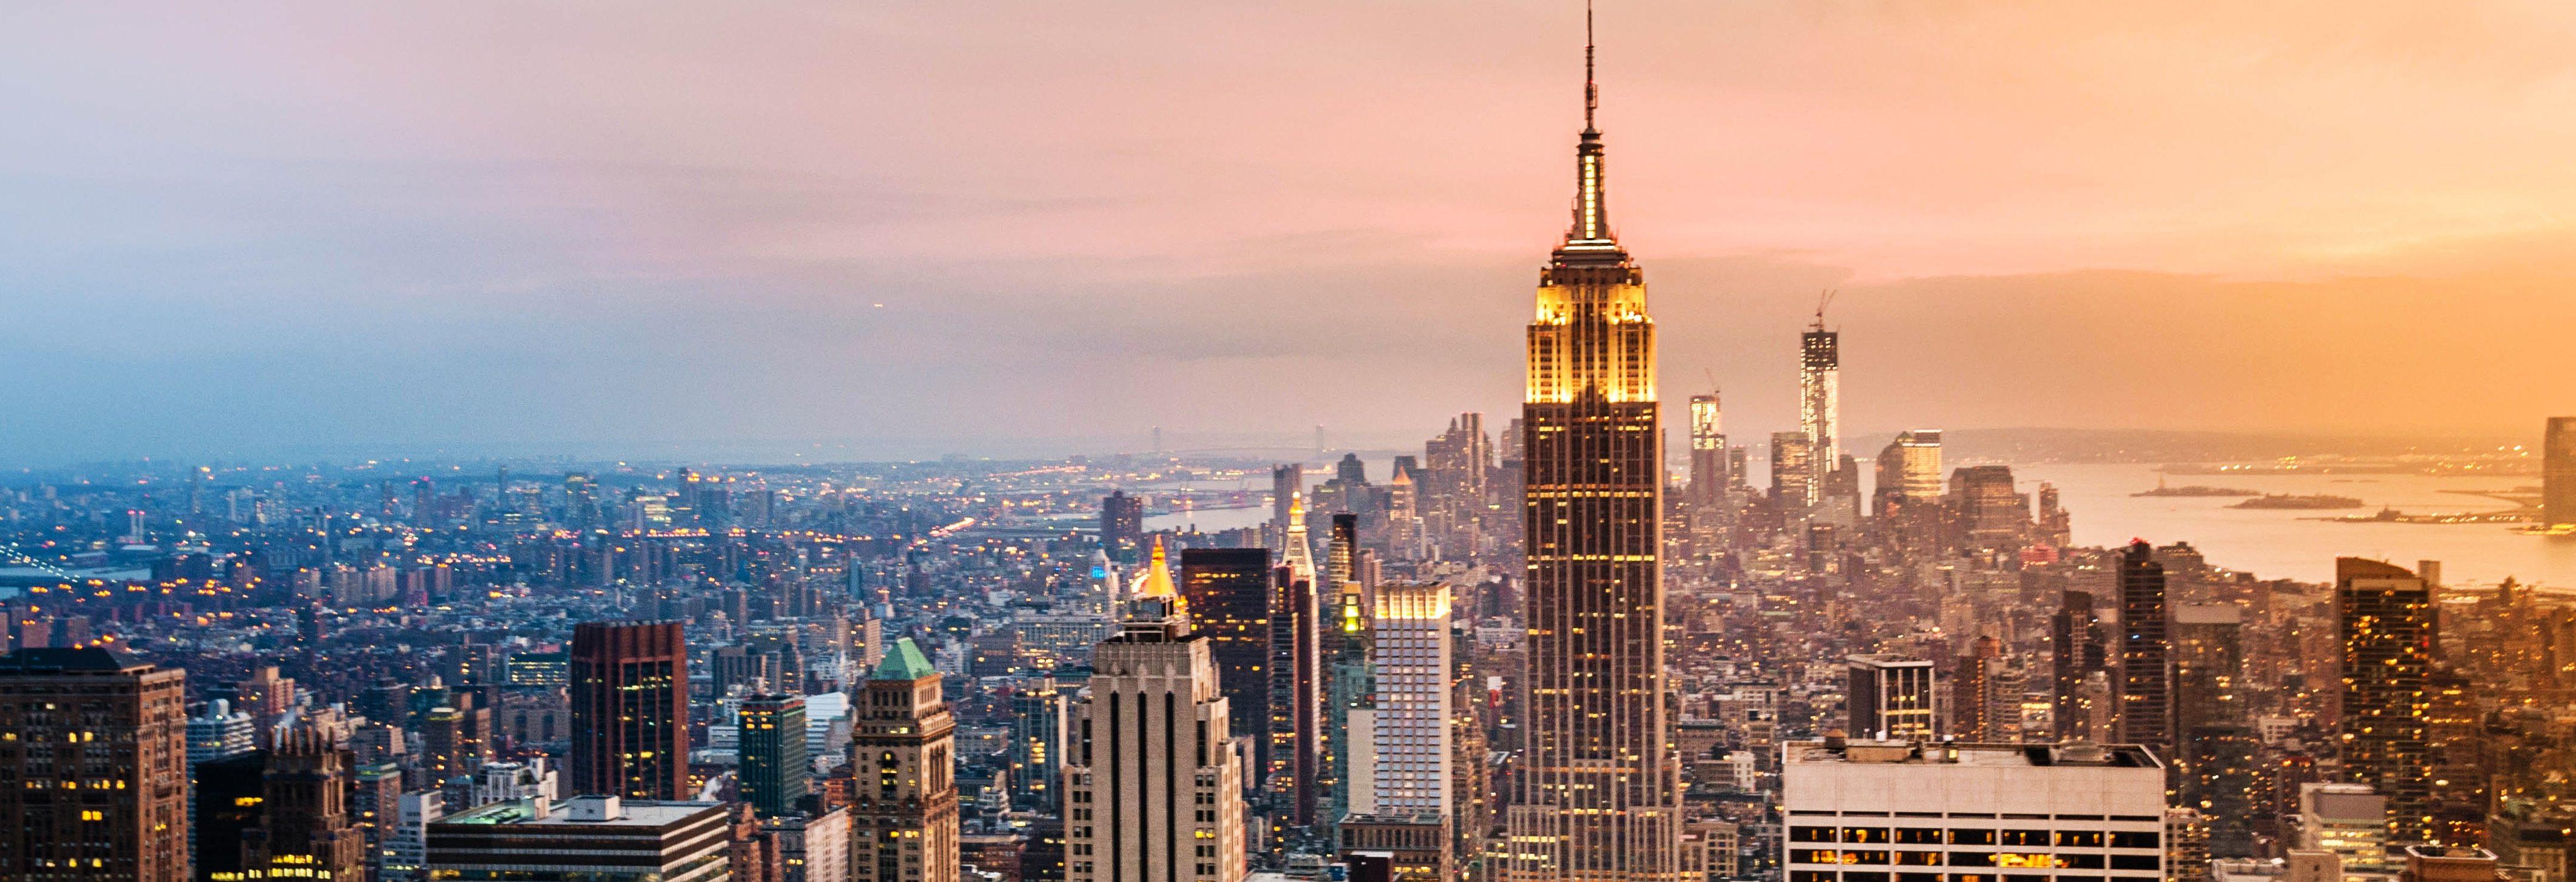 newyork_147954134